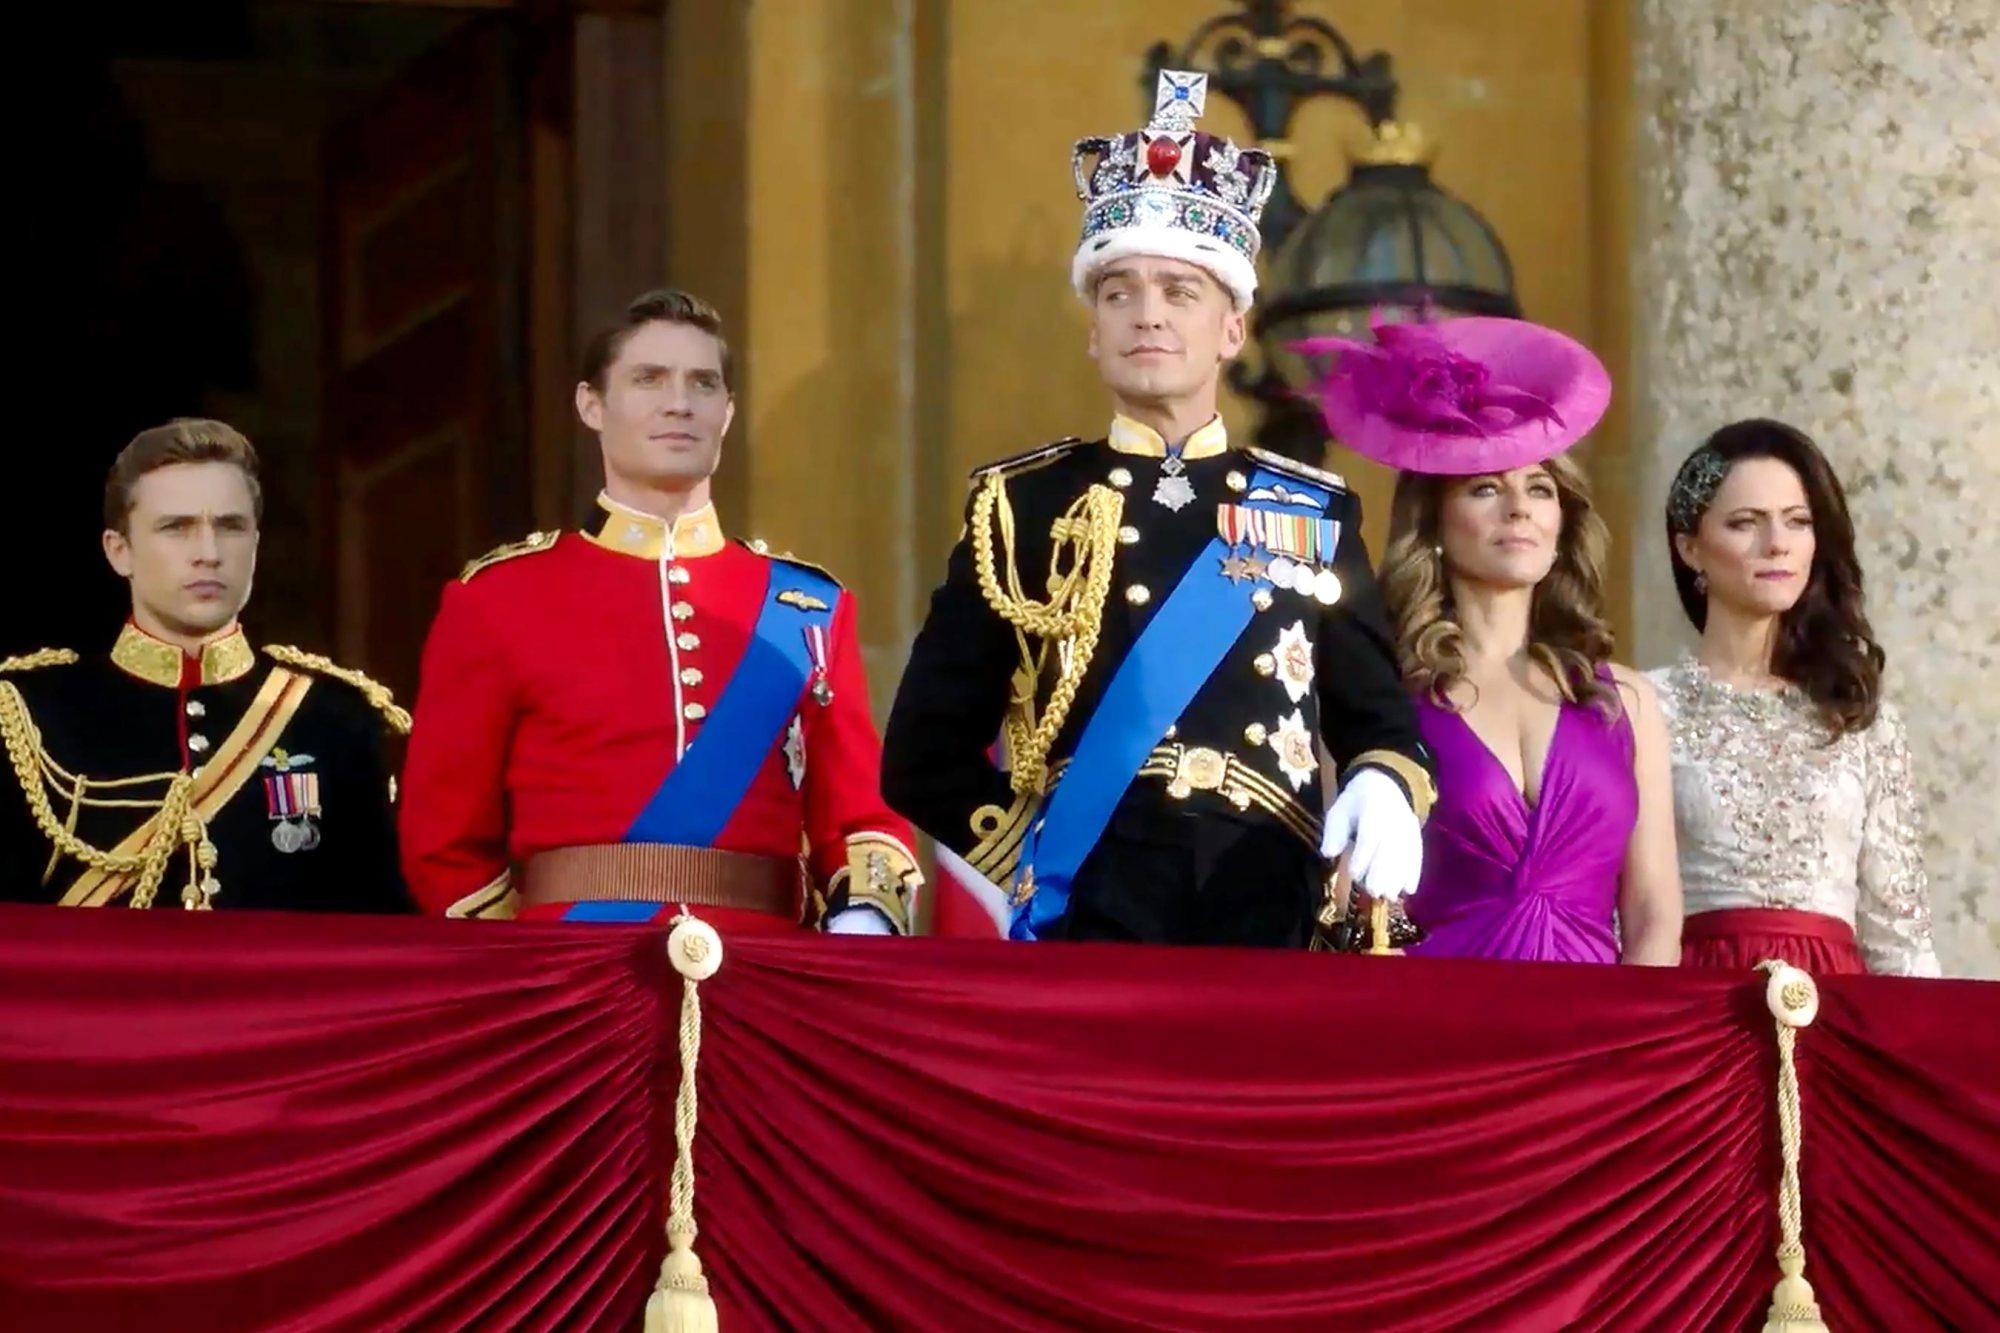 Приподнял ковер, члены королевской семьи онлайн бесплатно